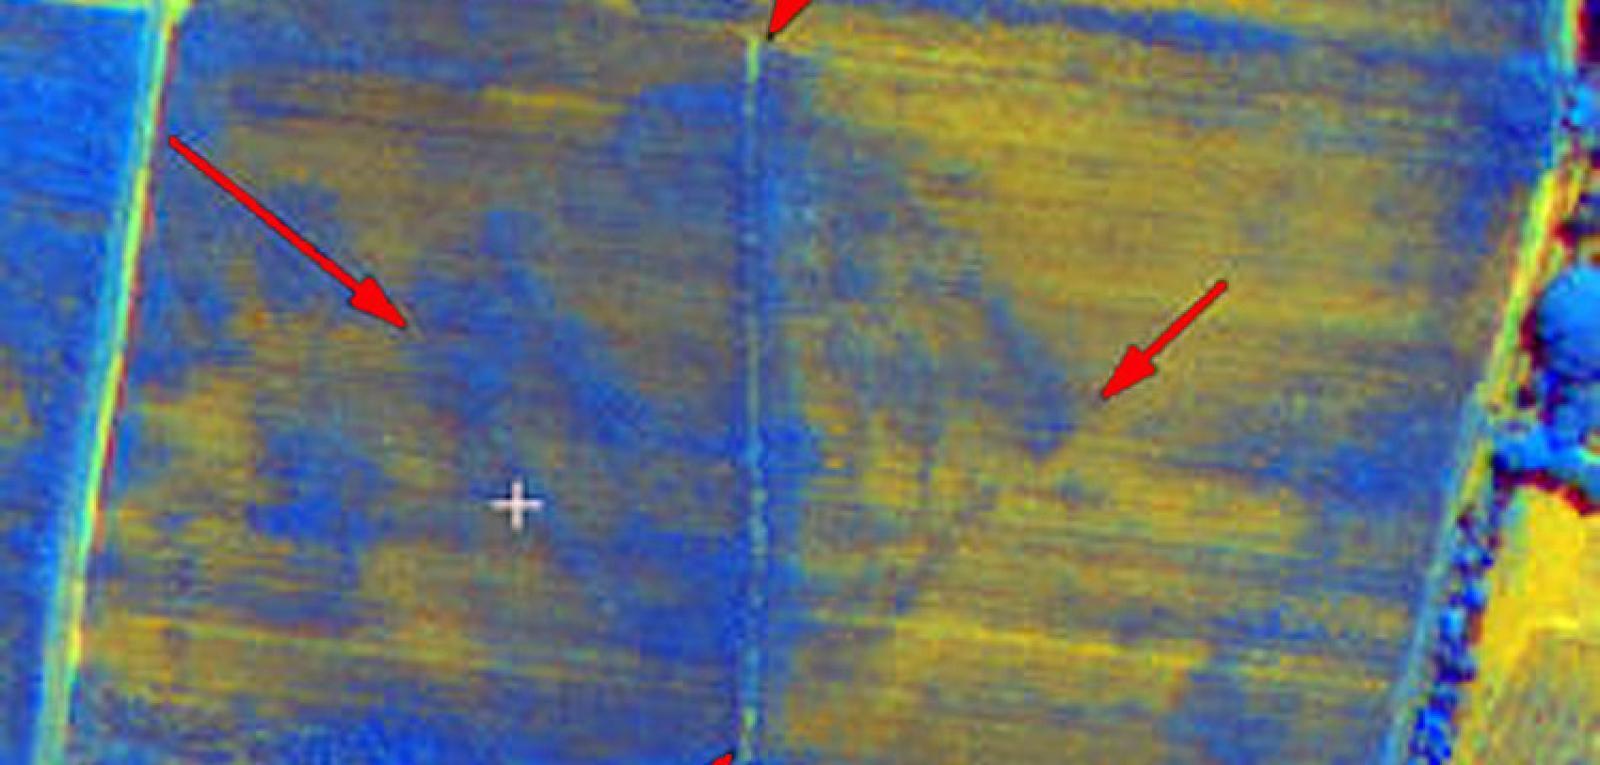 Nasca-Pyramide-DW-Wissenschaft-Muenchen-jpg.jpg